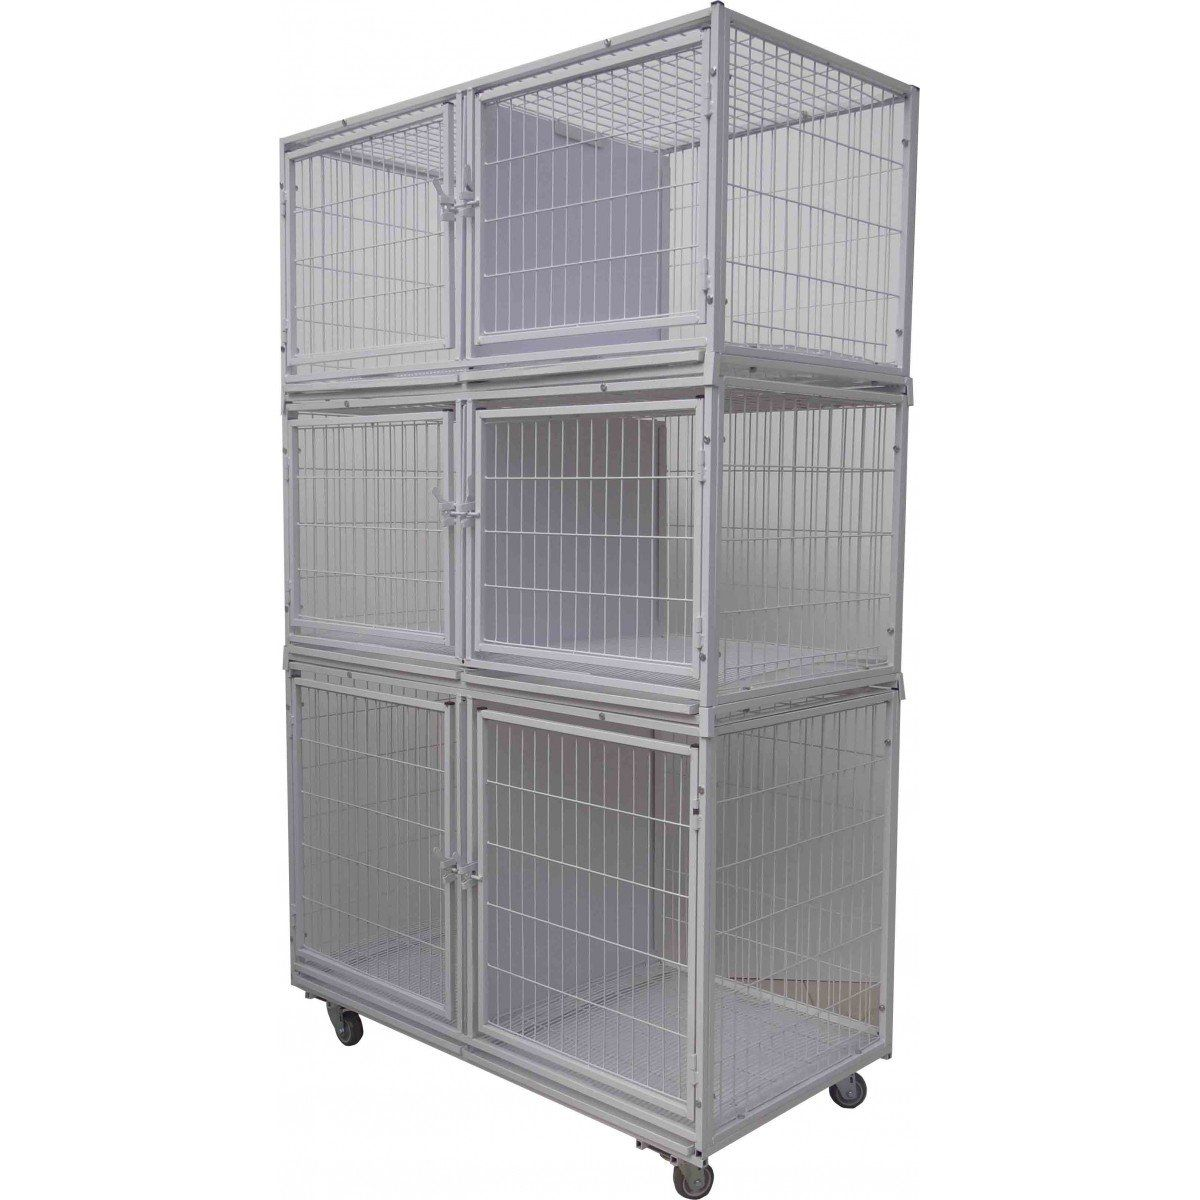 Canil Gatil 6 Lugares Grande MODULAR Banho E Tosa Pet Shop Veterinária-Branco